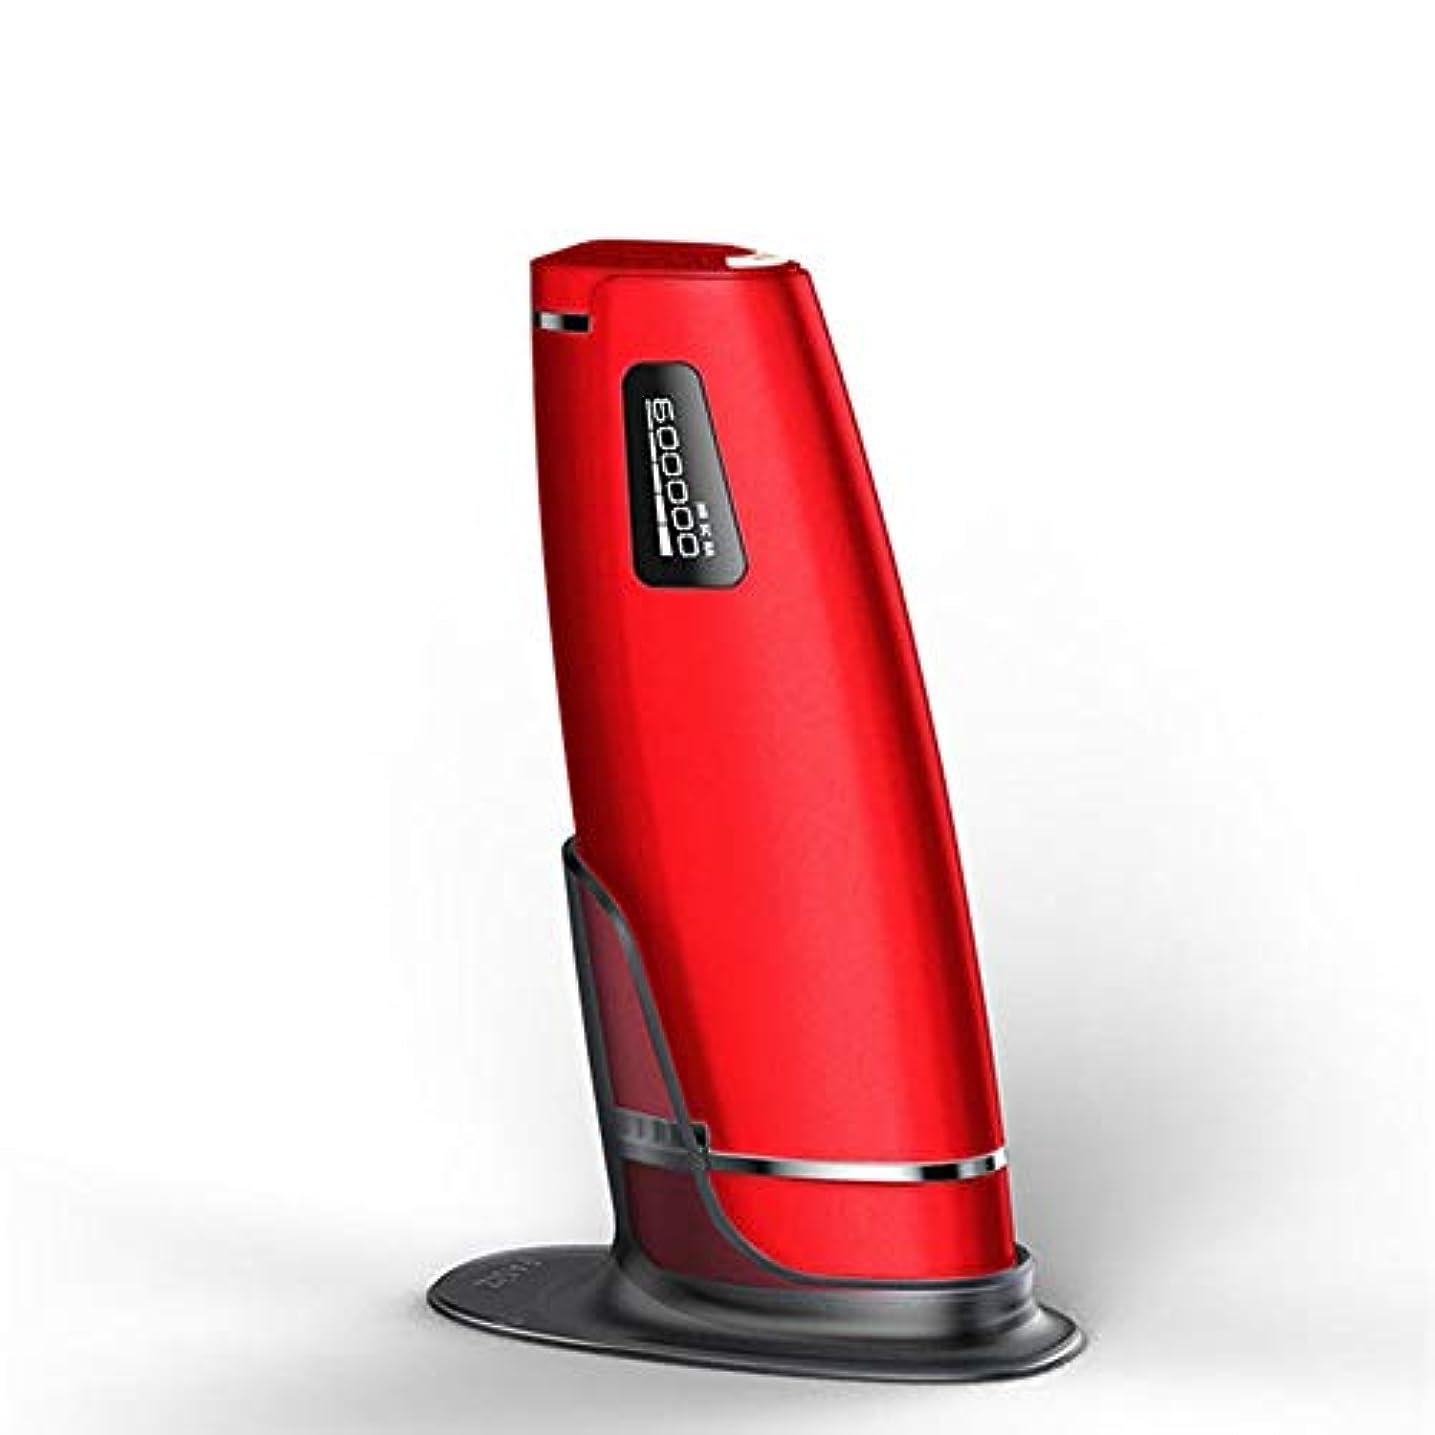 特派員なだめるレッスンNuanxin 赤、デュアルモード、ホームオートマチック無痛脱毛剤、携帯用永久脱毛剤、5スピード調整、サイズ20.5 X 4.5 X 7 Cm F30 (Color : Red)